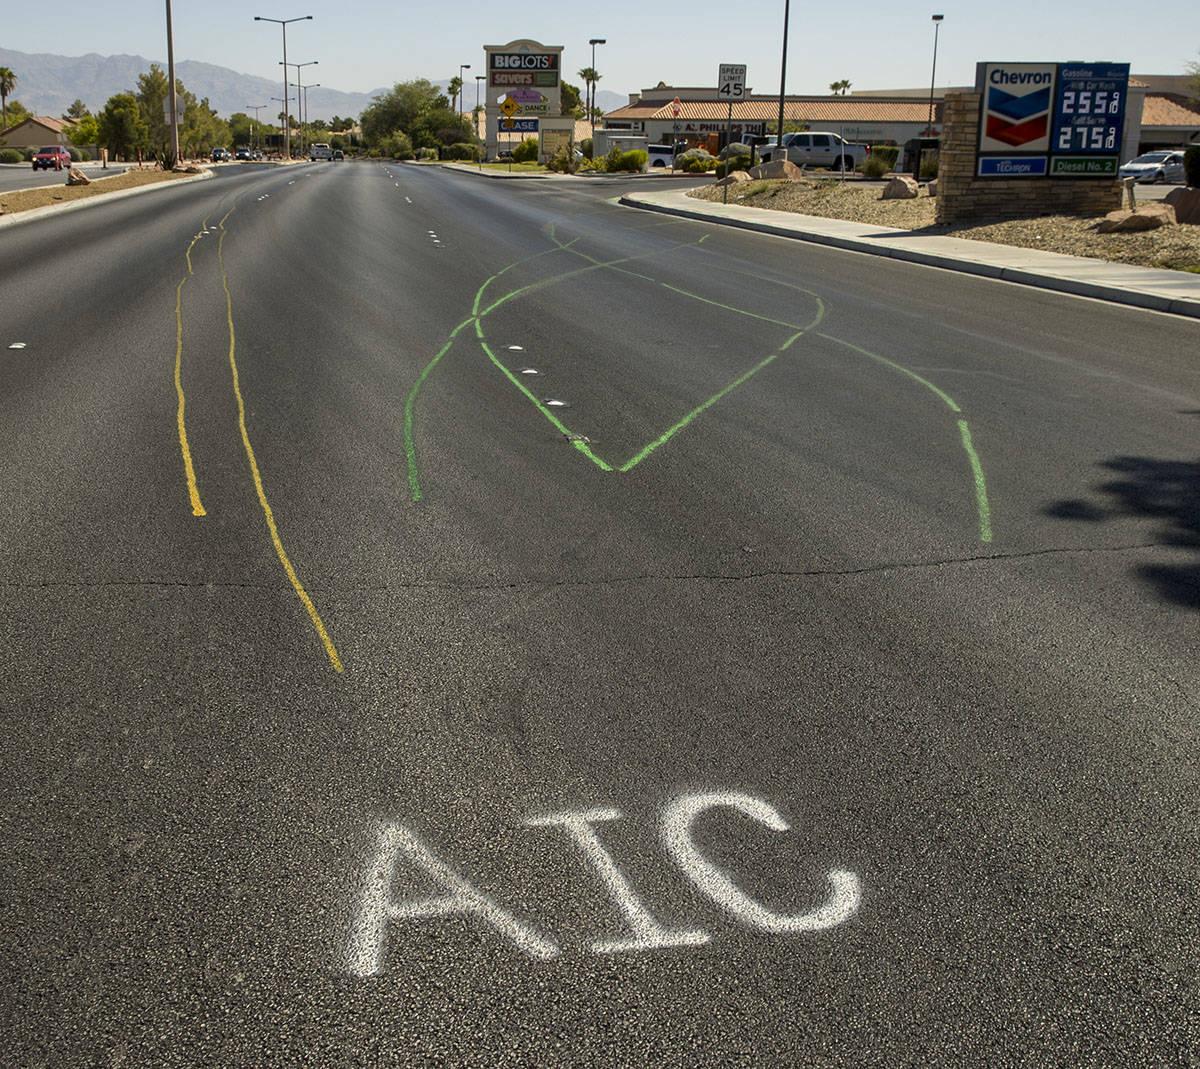 Marcas de la escena del accidente donde Lauren Prescia chocó su vehículo a alta velocidad un ...